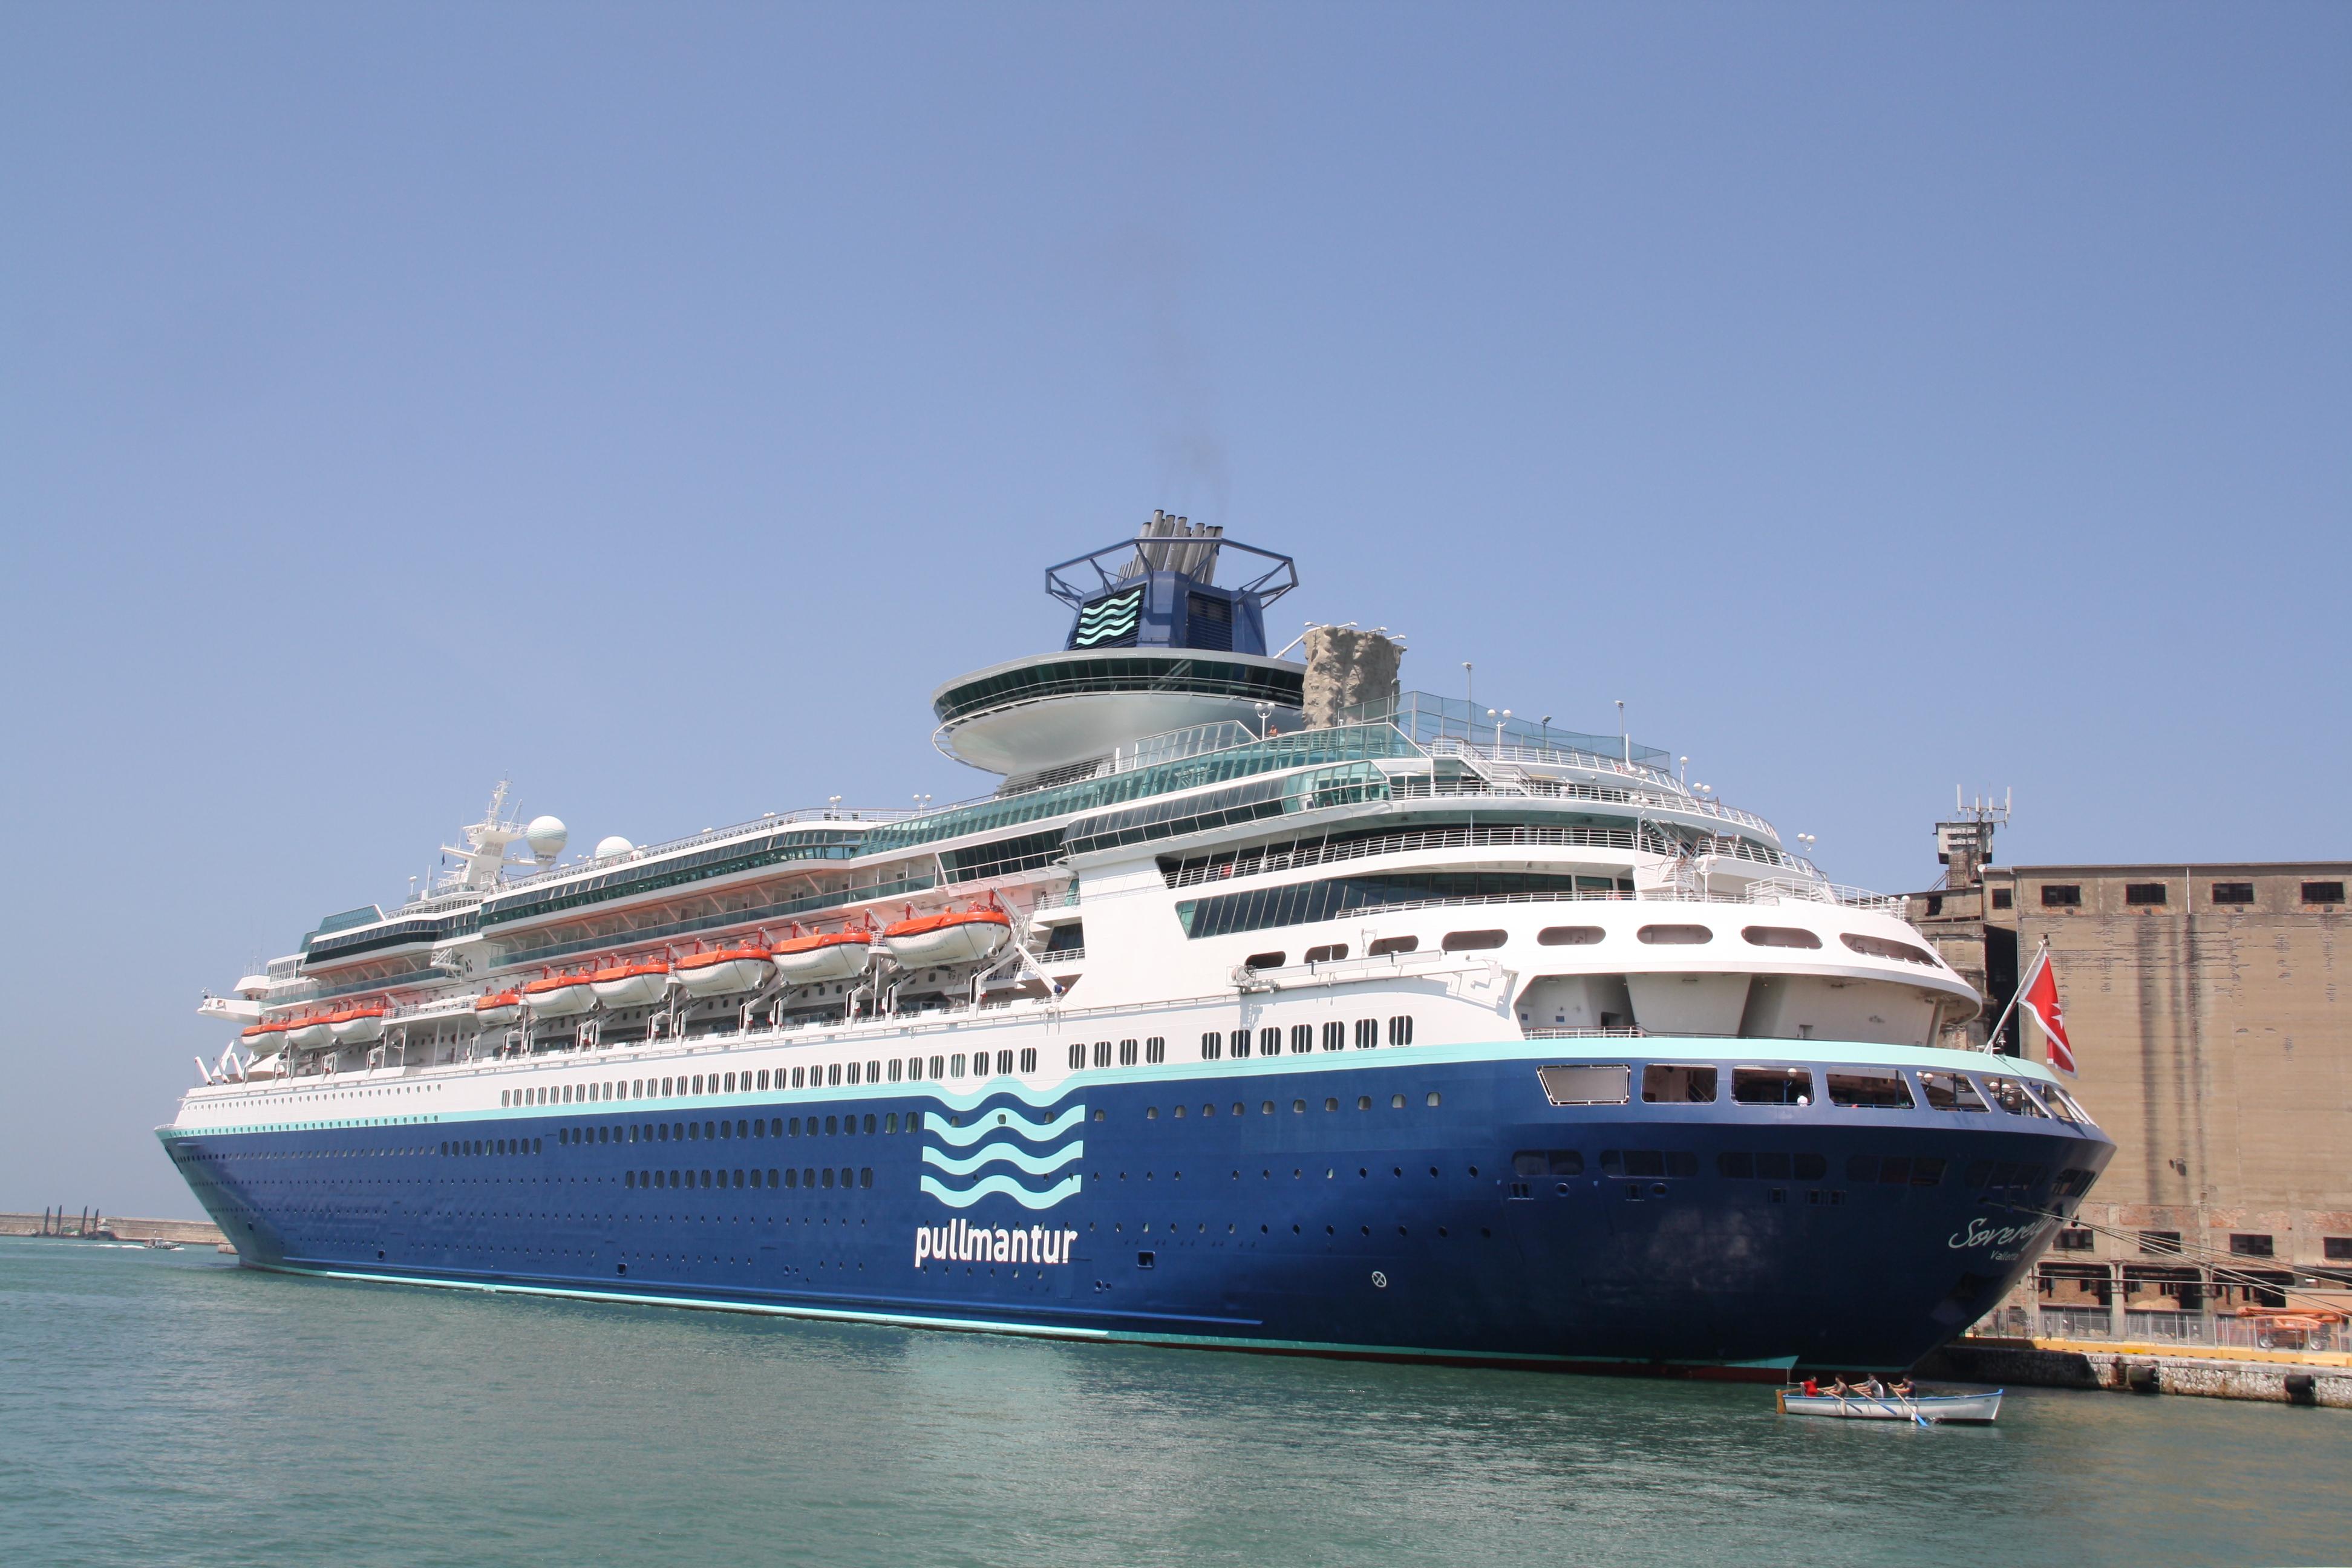 FilePullmantur Cruises Sovereign IMO ChesiJPG - Sovereign cruise ship